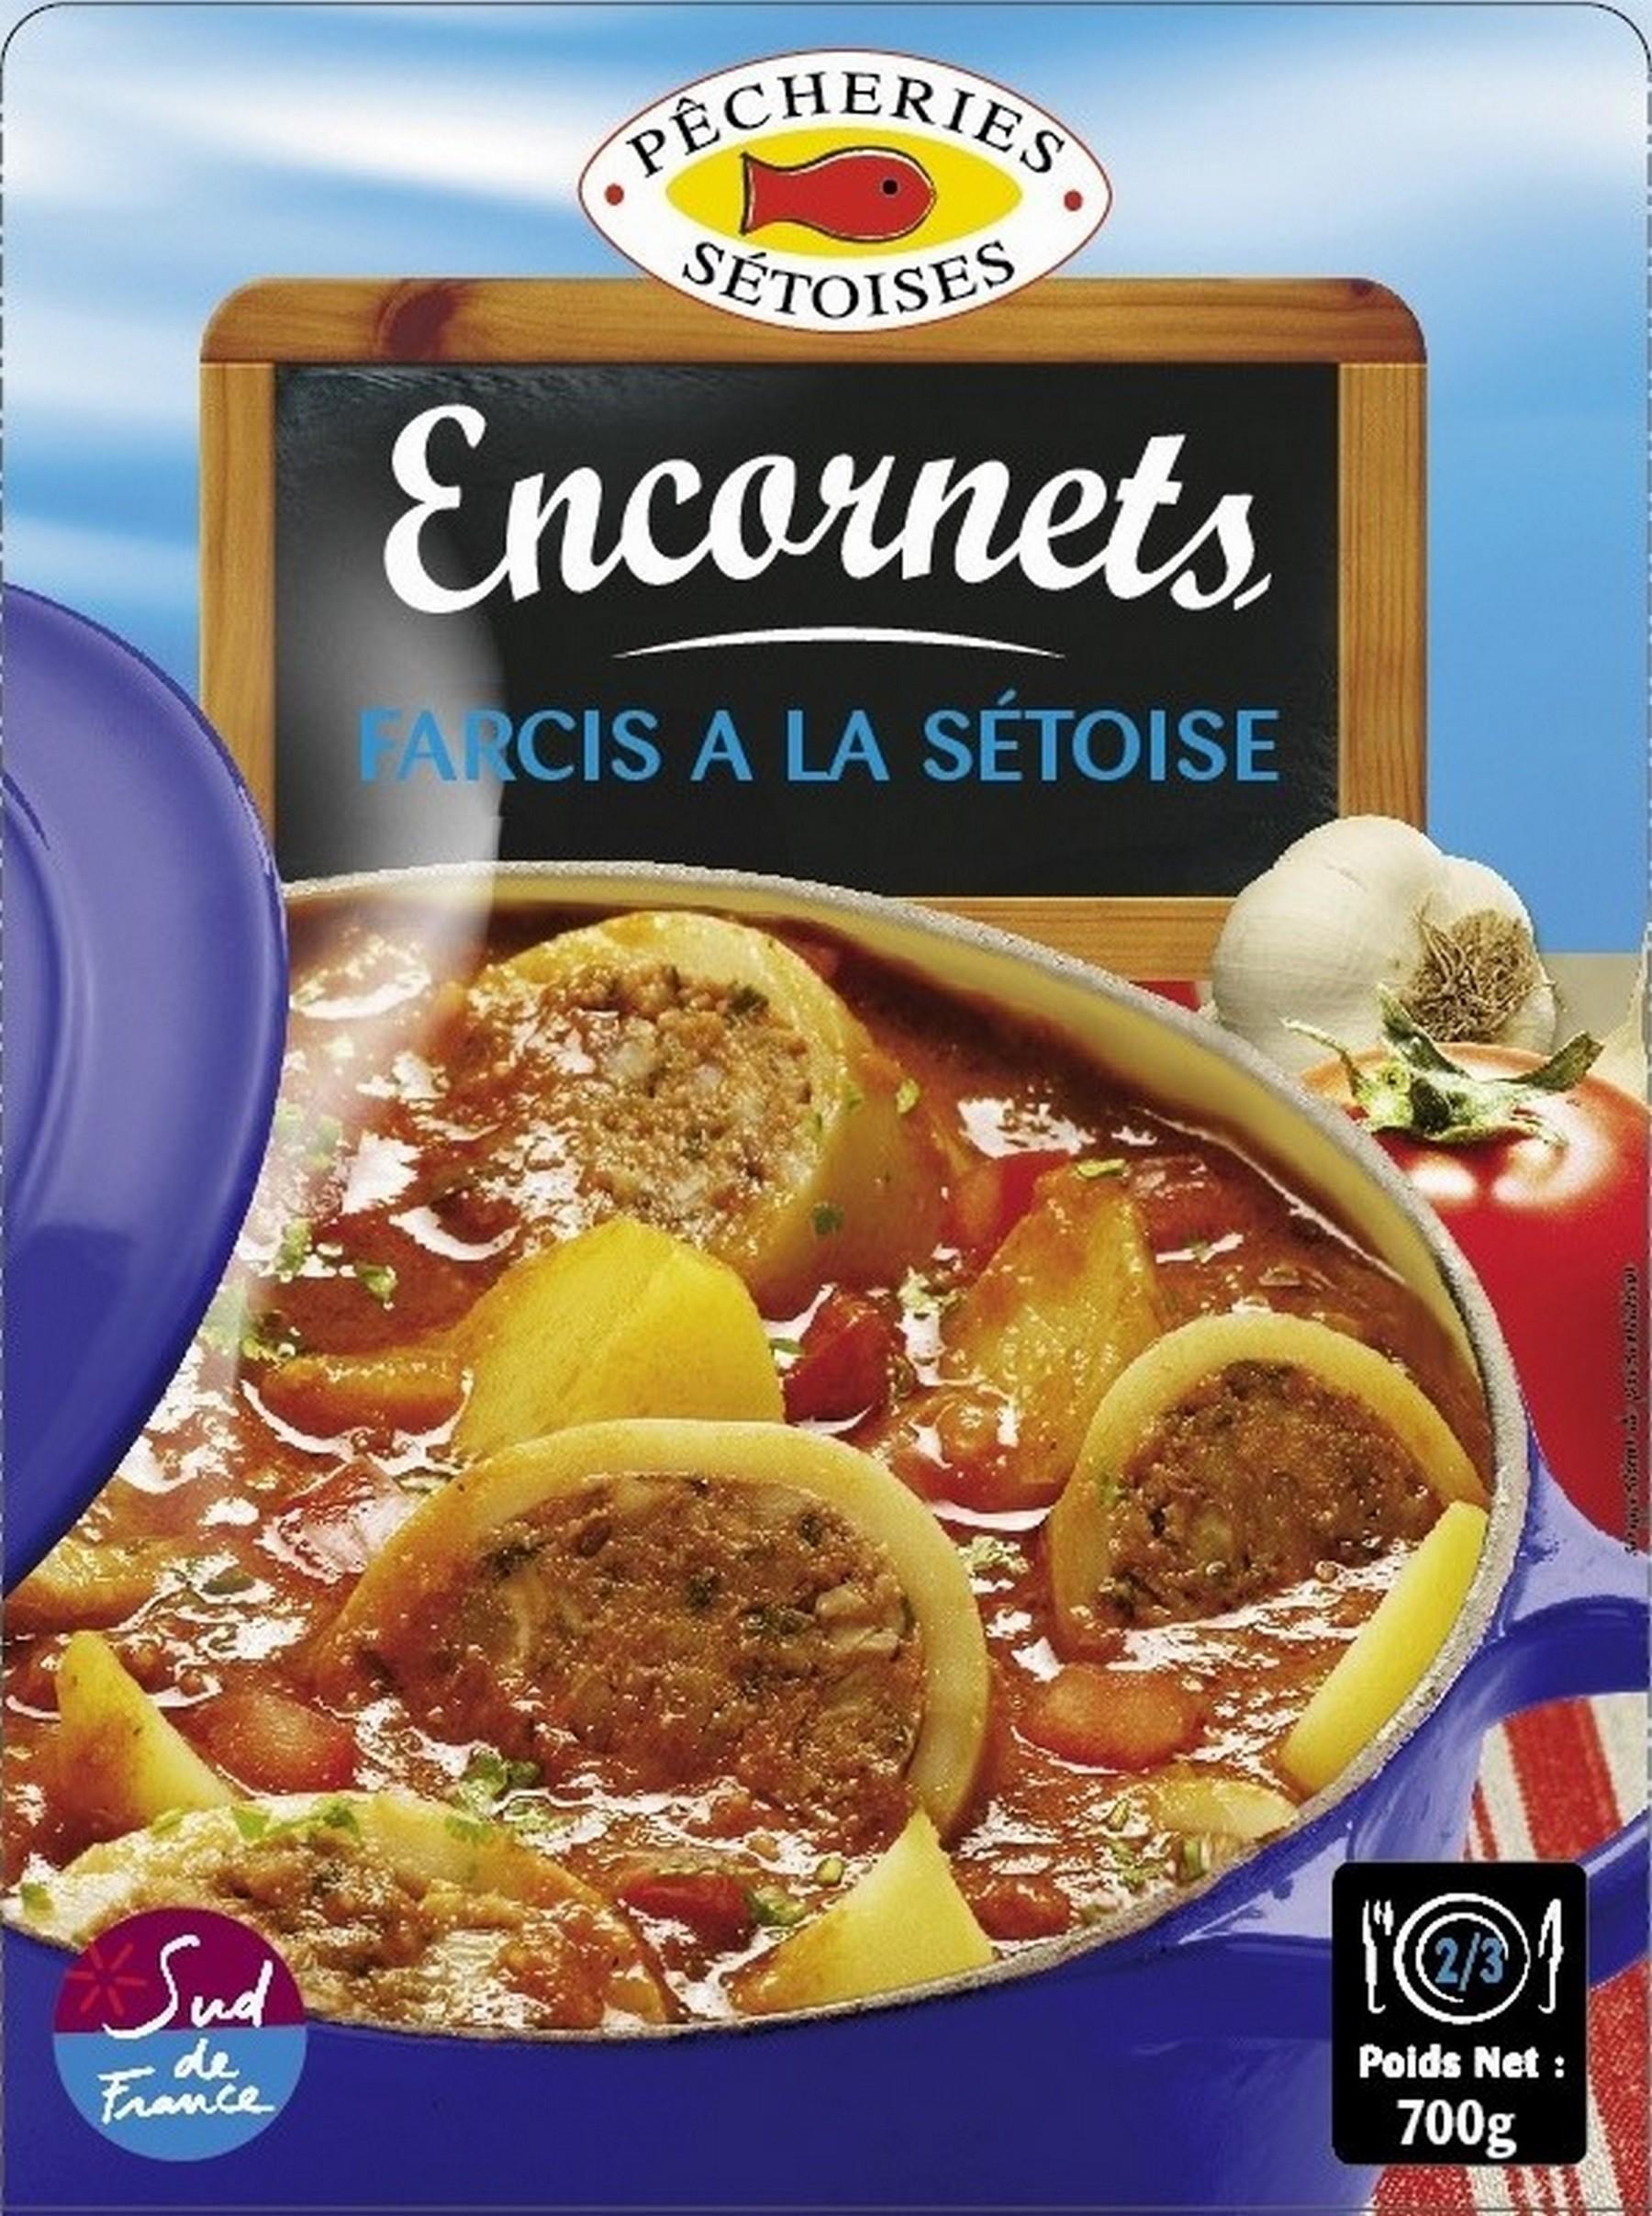 Encornets farcis à la Sétoise, Pêcherie Sétoise (700 g)